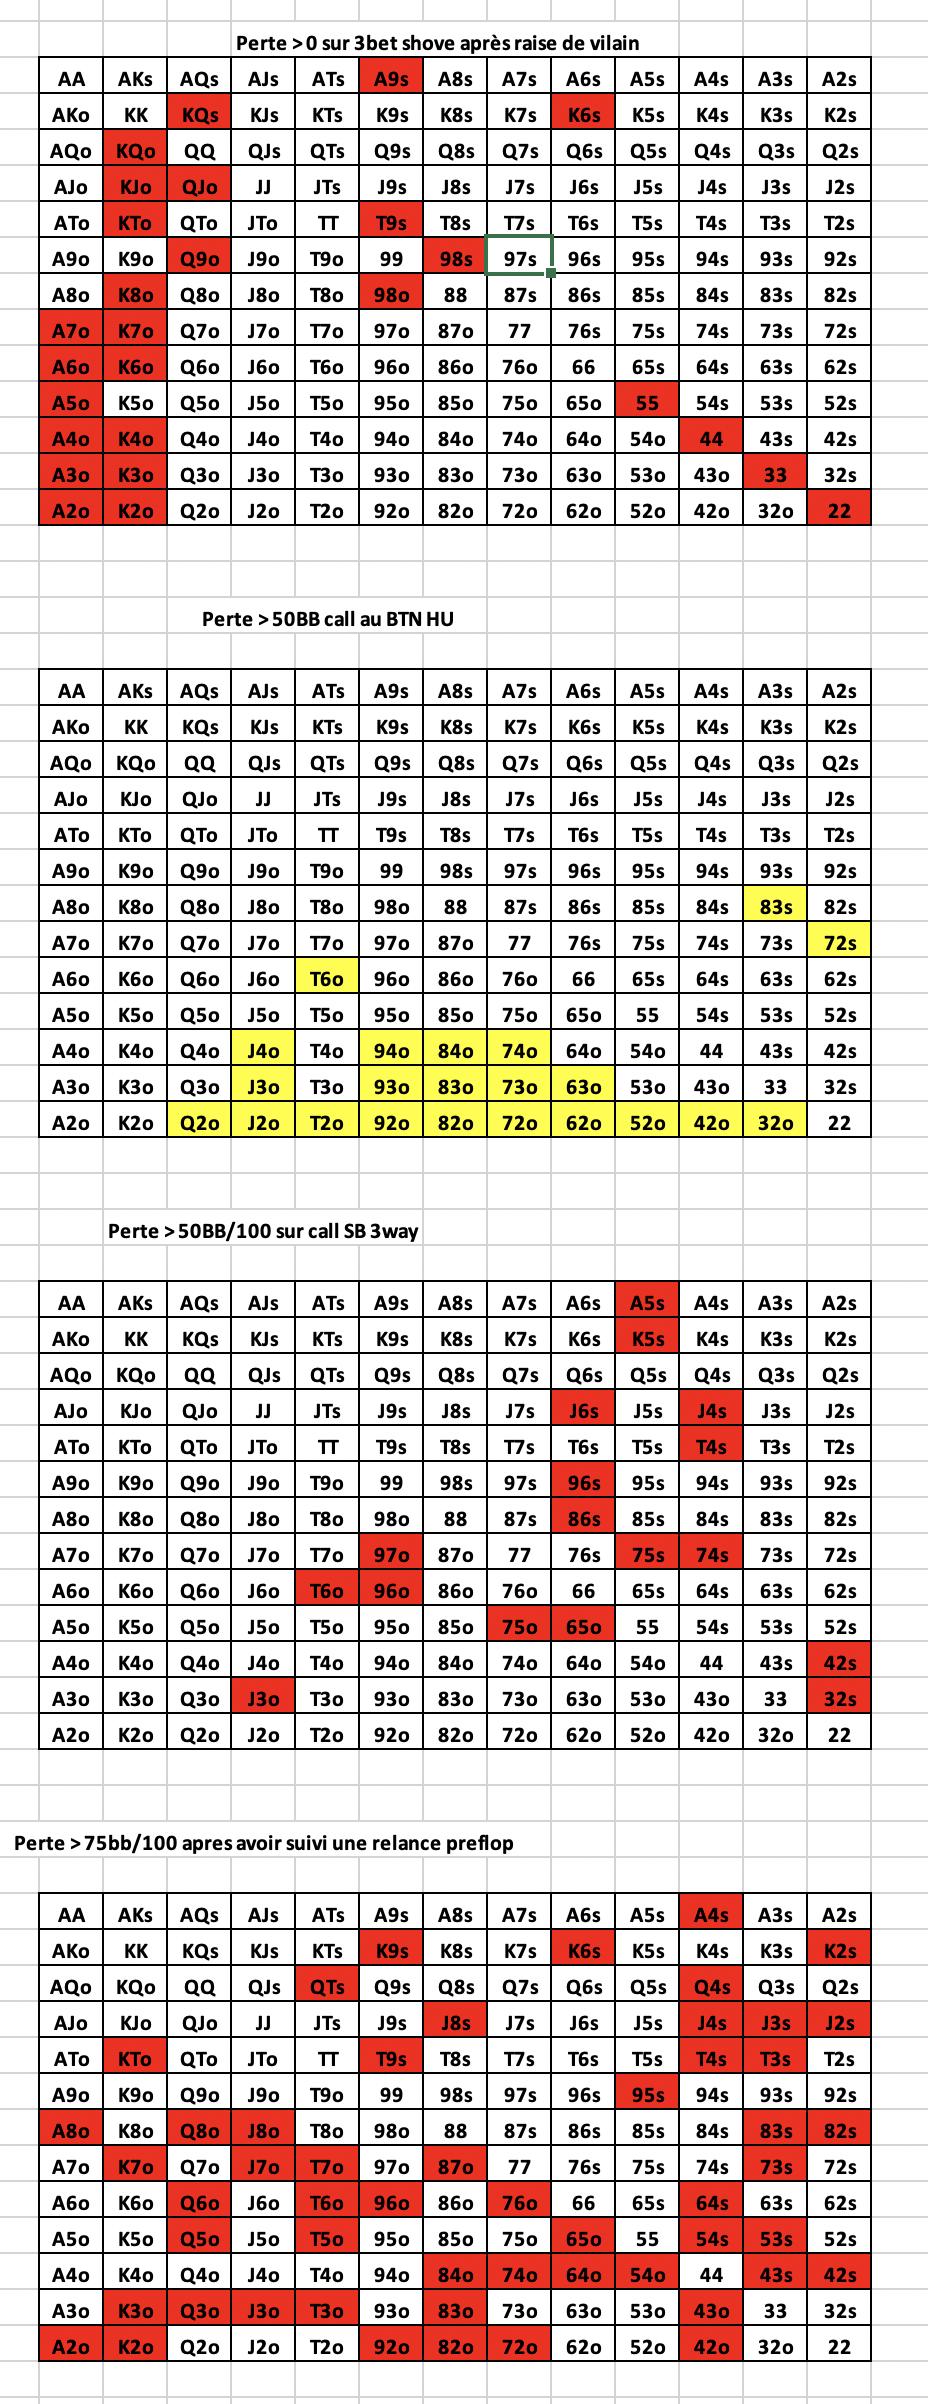 Capture d?e?cran 2021-02-16 a? 15.48.41